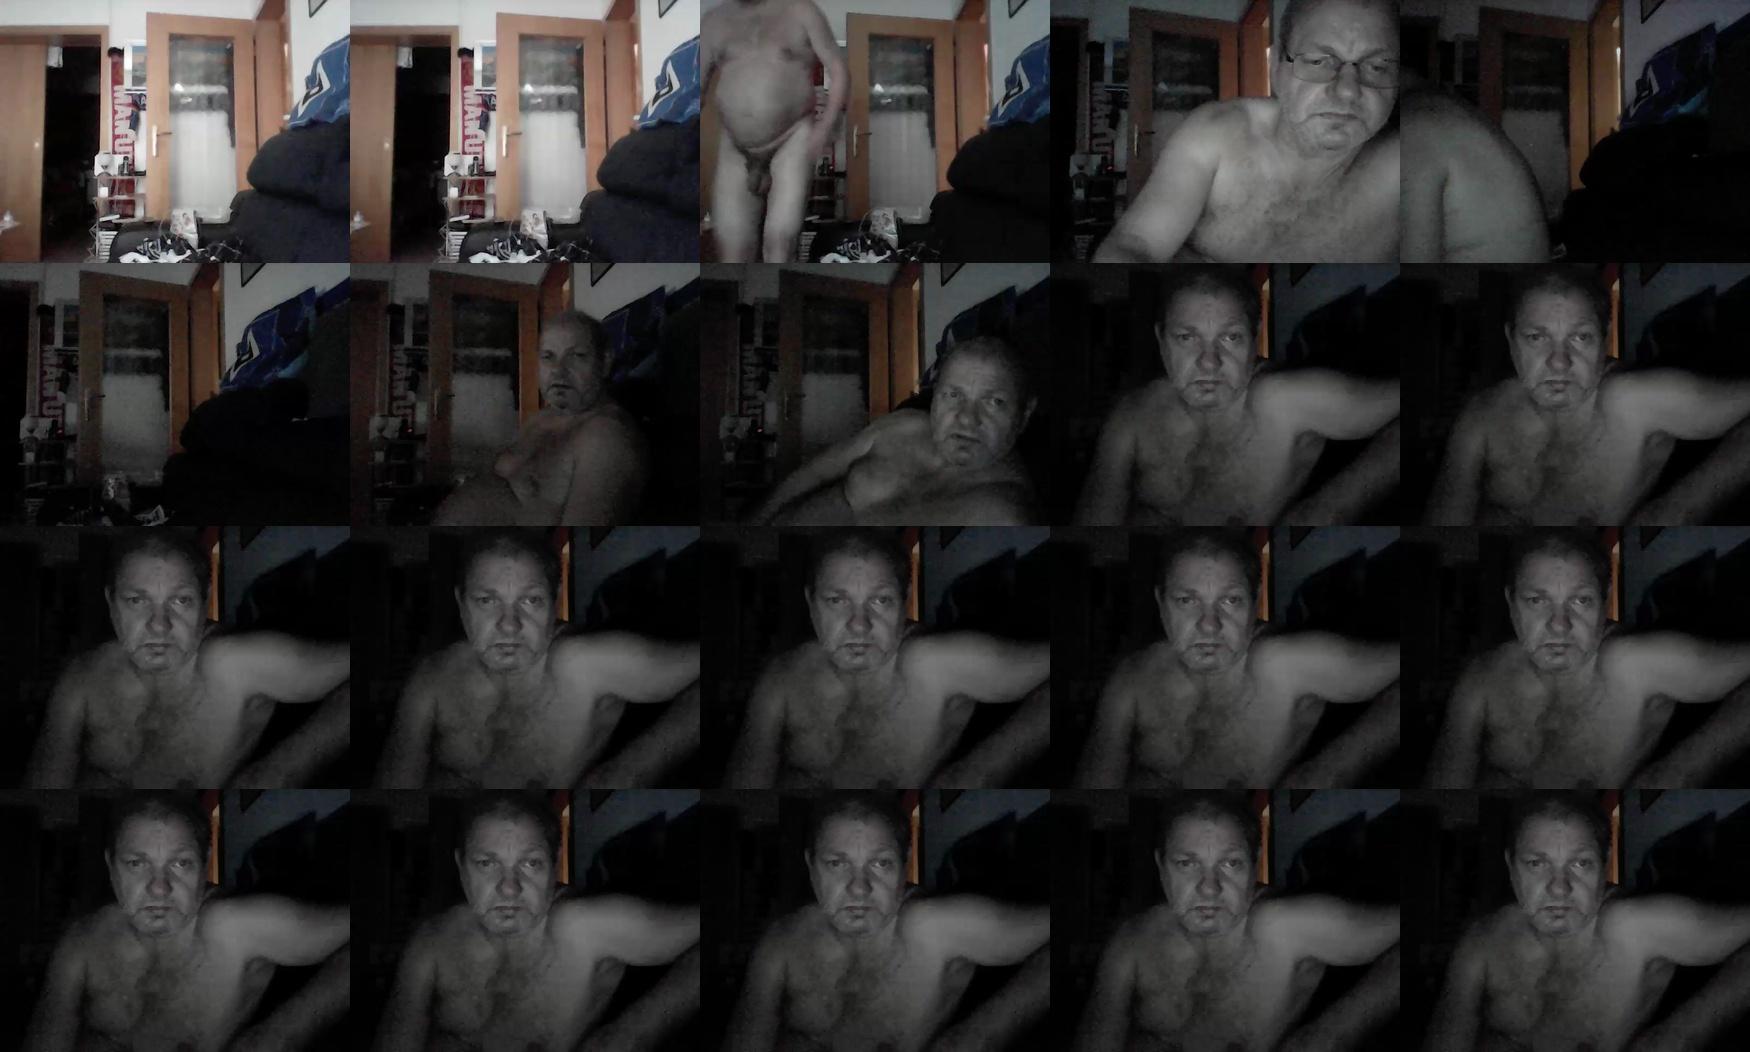 repperbahn62 Porn CAM SHOW @ Cam4 21-07-2021